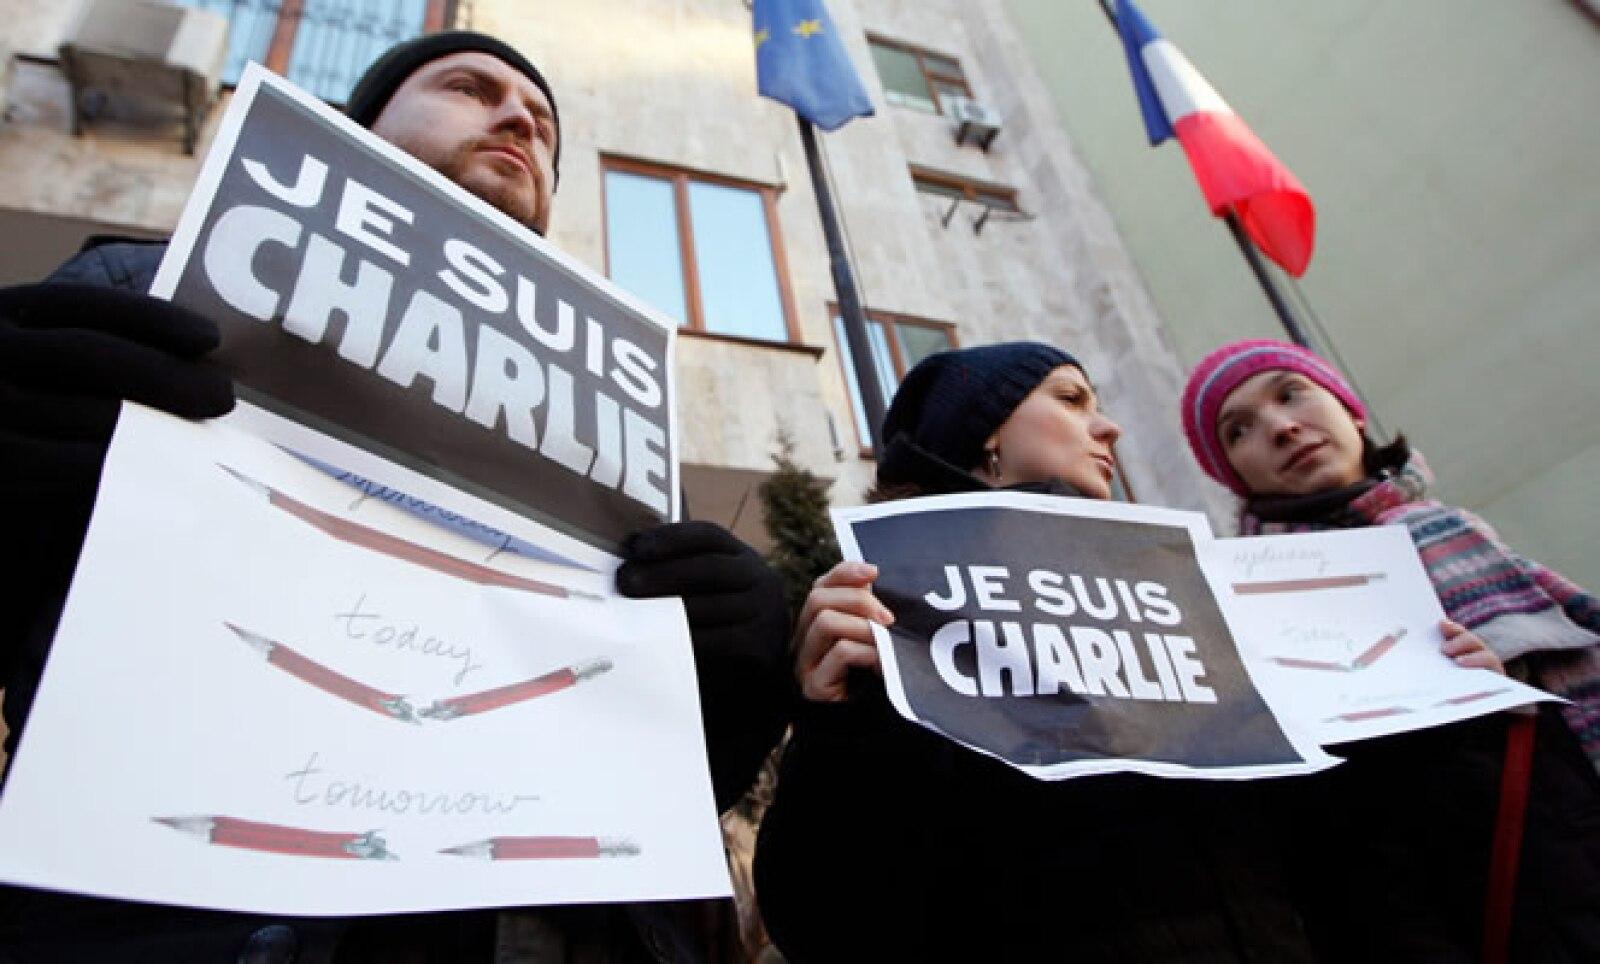 Periodistas ucranianos marcharon en la ciudad de Kiev.